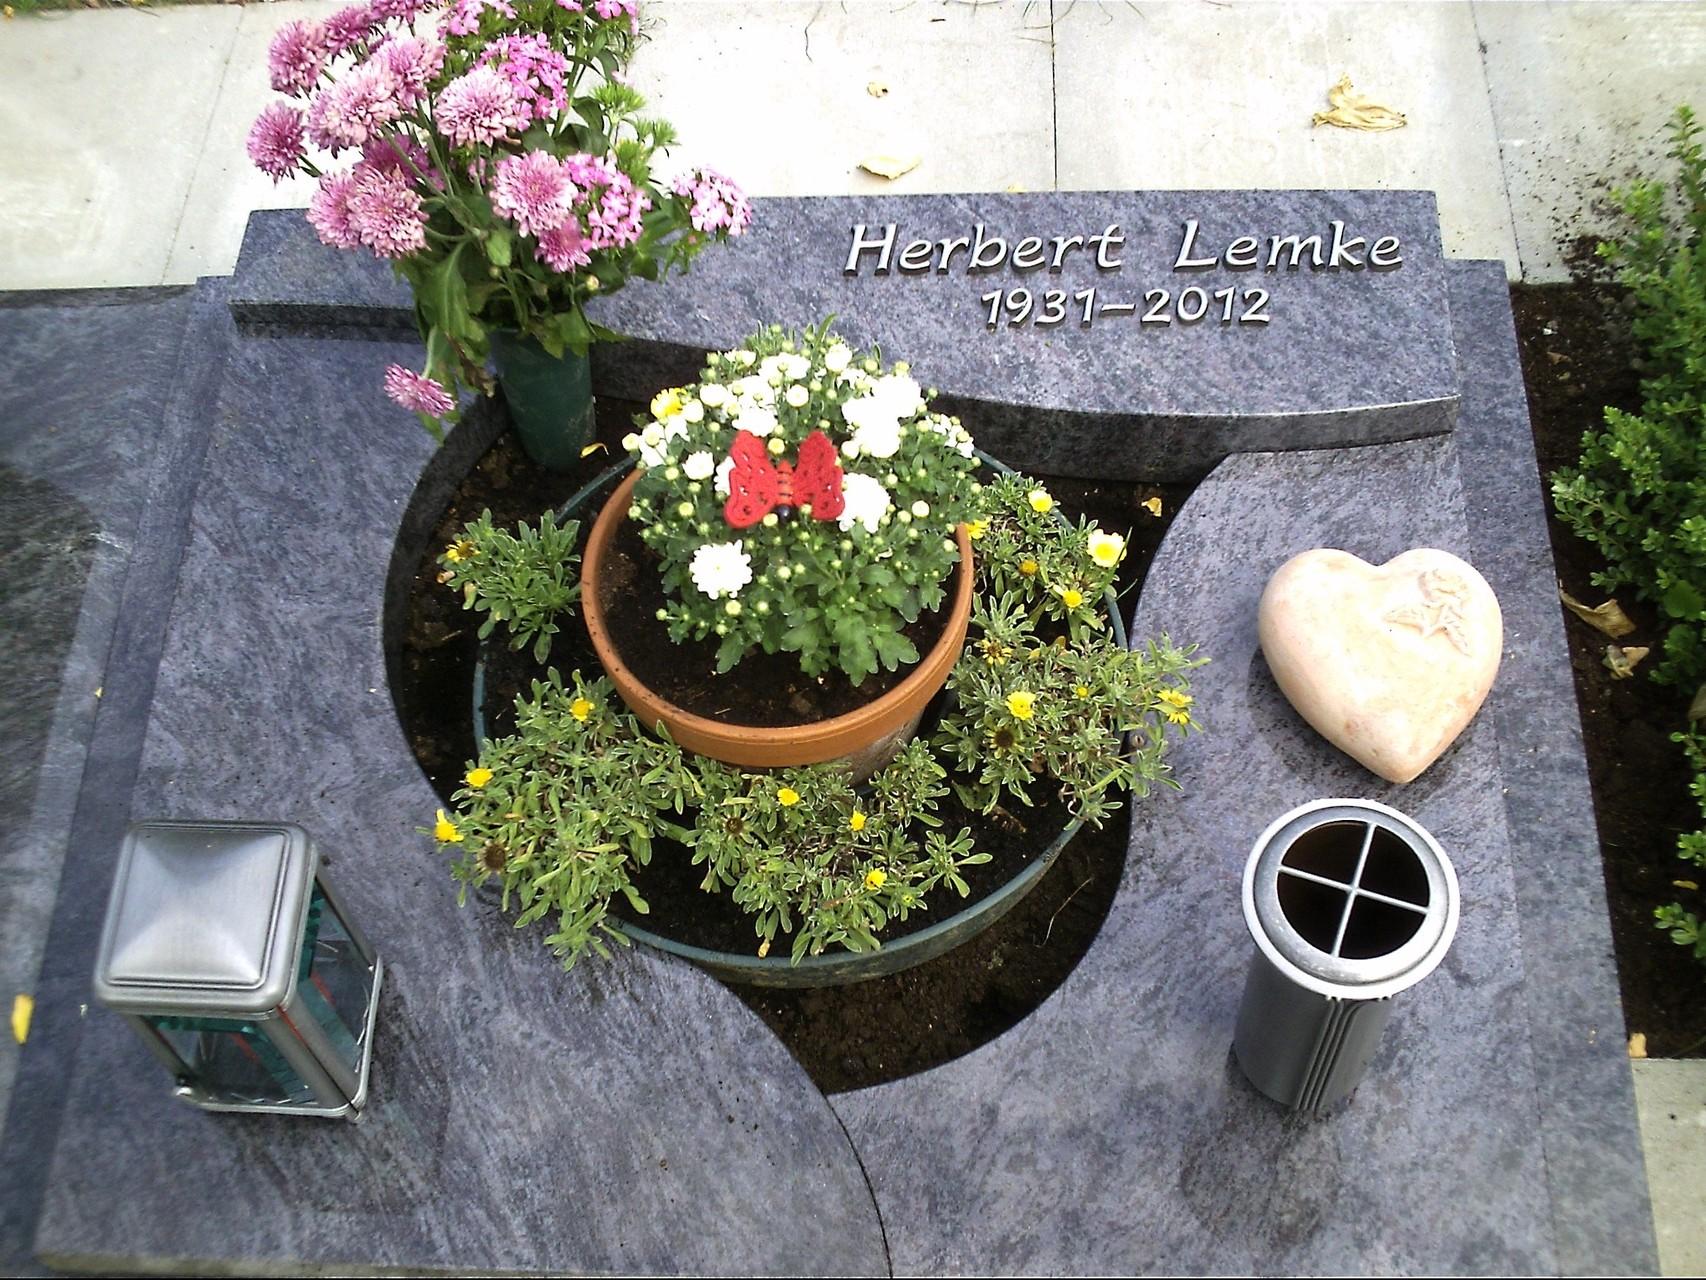 Preiswerte Grabmale aus dem Ruhrgebiet